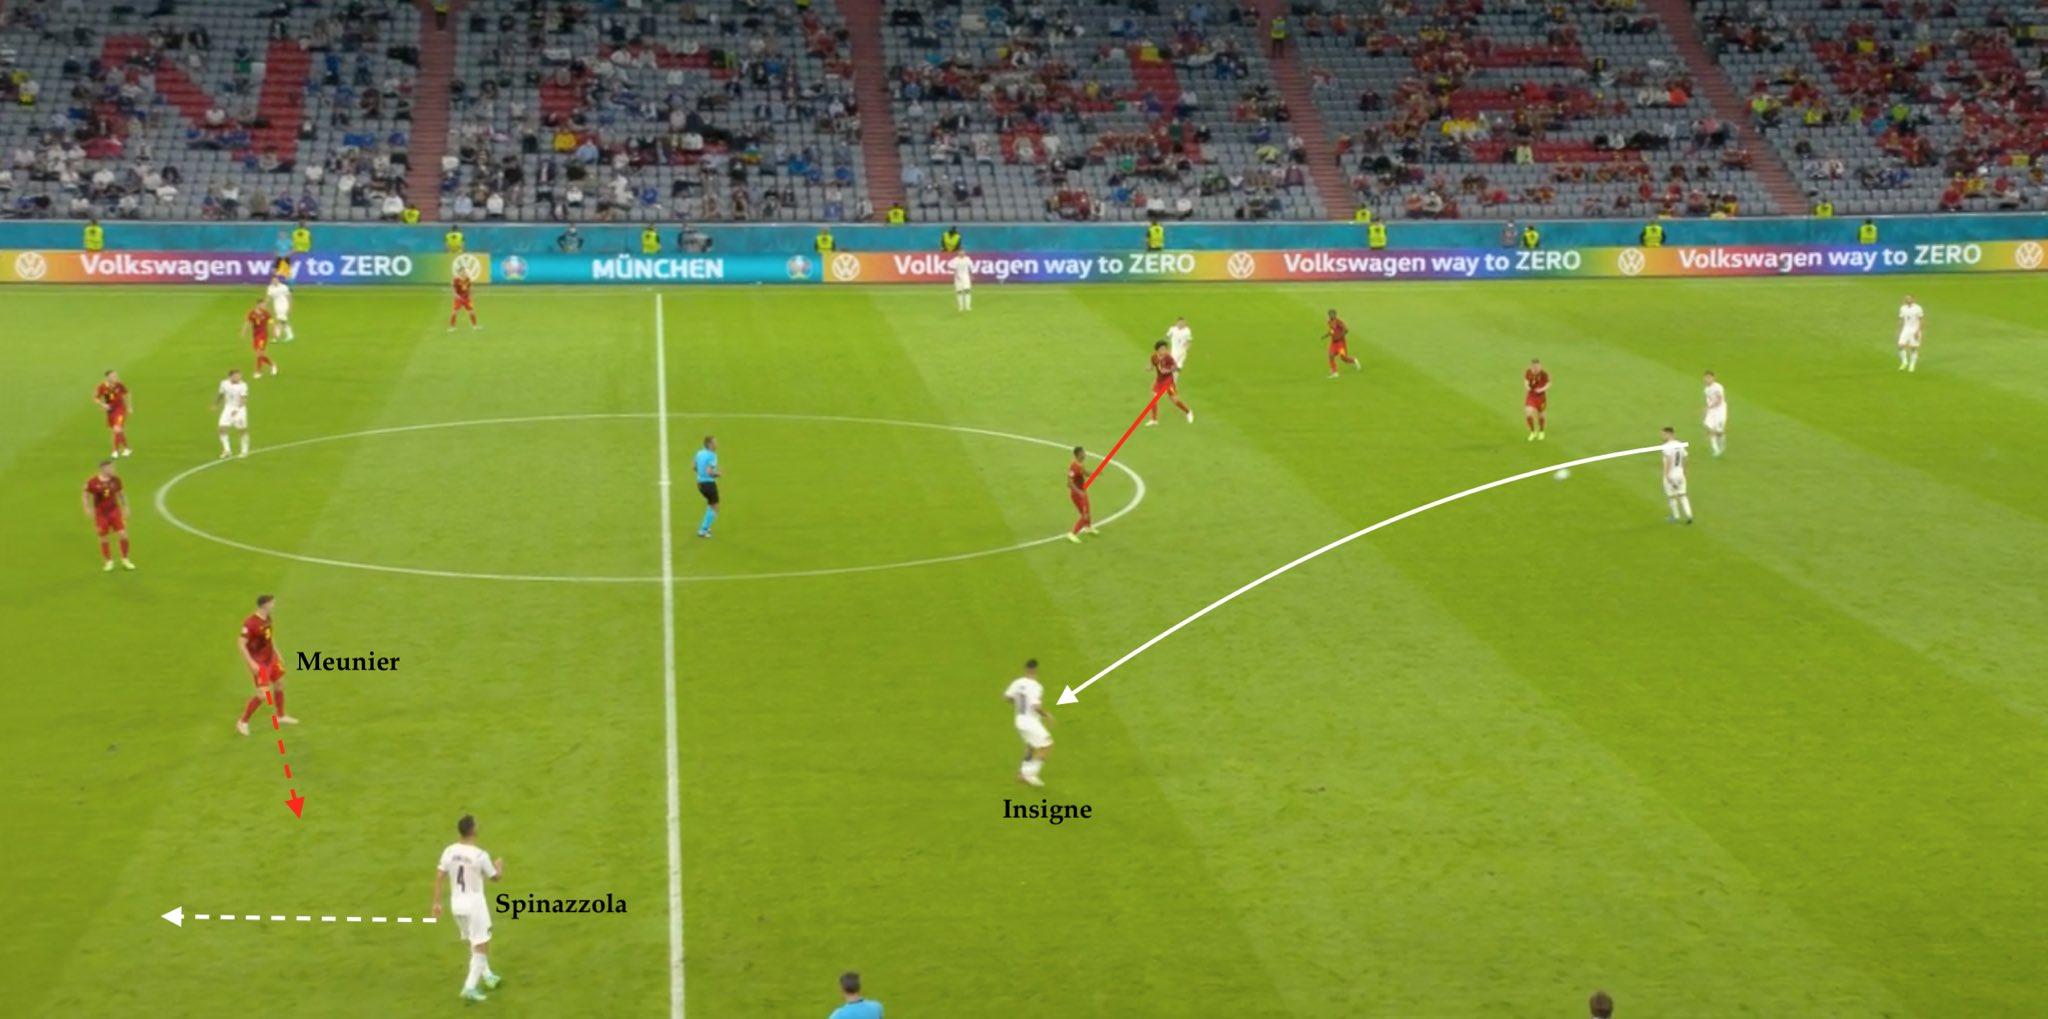 Situasi yang berujung gol untuk menaikkan skor menjadi 2-0 adalah ilustrasi yang jelas dari gaya menekan tinggi dan transisi cepat Italia.  Ketika Insigne menerima bola di separuh lapangannya sendiri, bek kiri Spinazzola berada di separuh lapangan lawan untuk membuka kecepatan pada saat yang sama, menarik bek kanan Belgia Thomas Meunier ke samping, menciptakan ruang bagi Insigne untuk melakukan umpan silang dan mencetak gol.